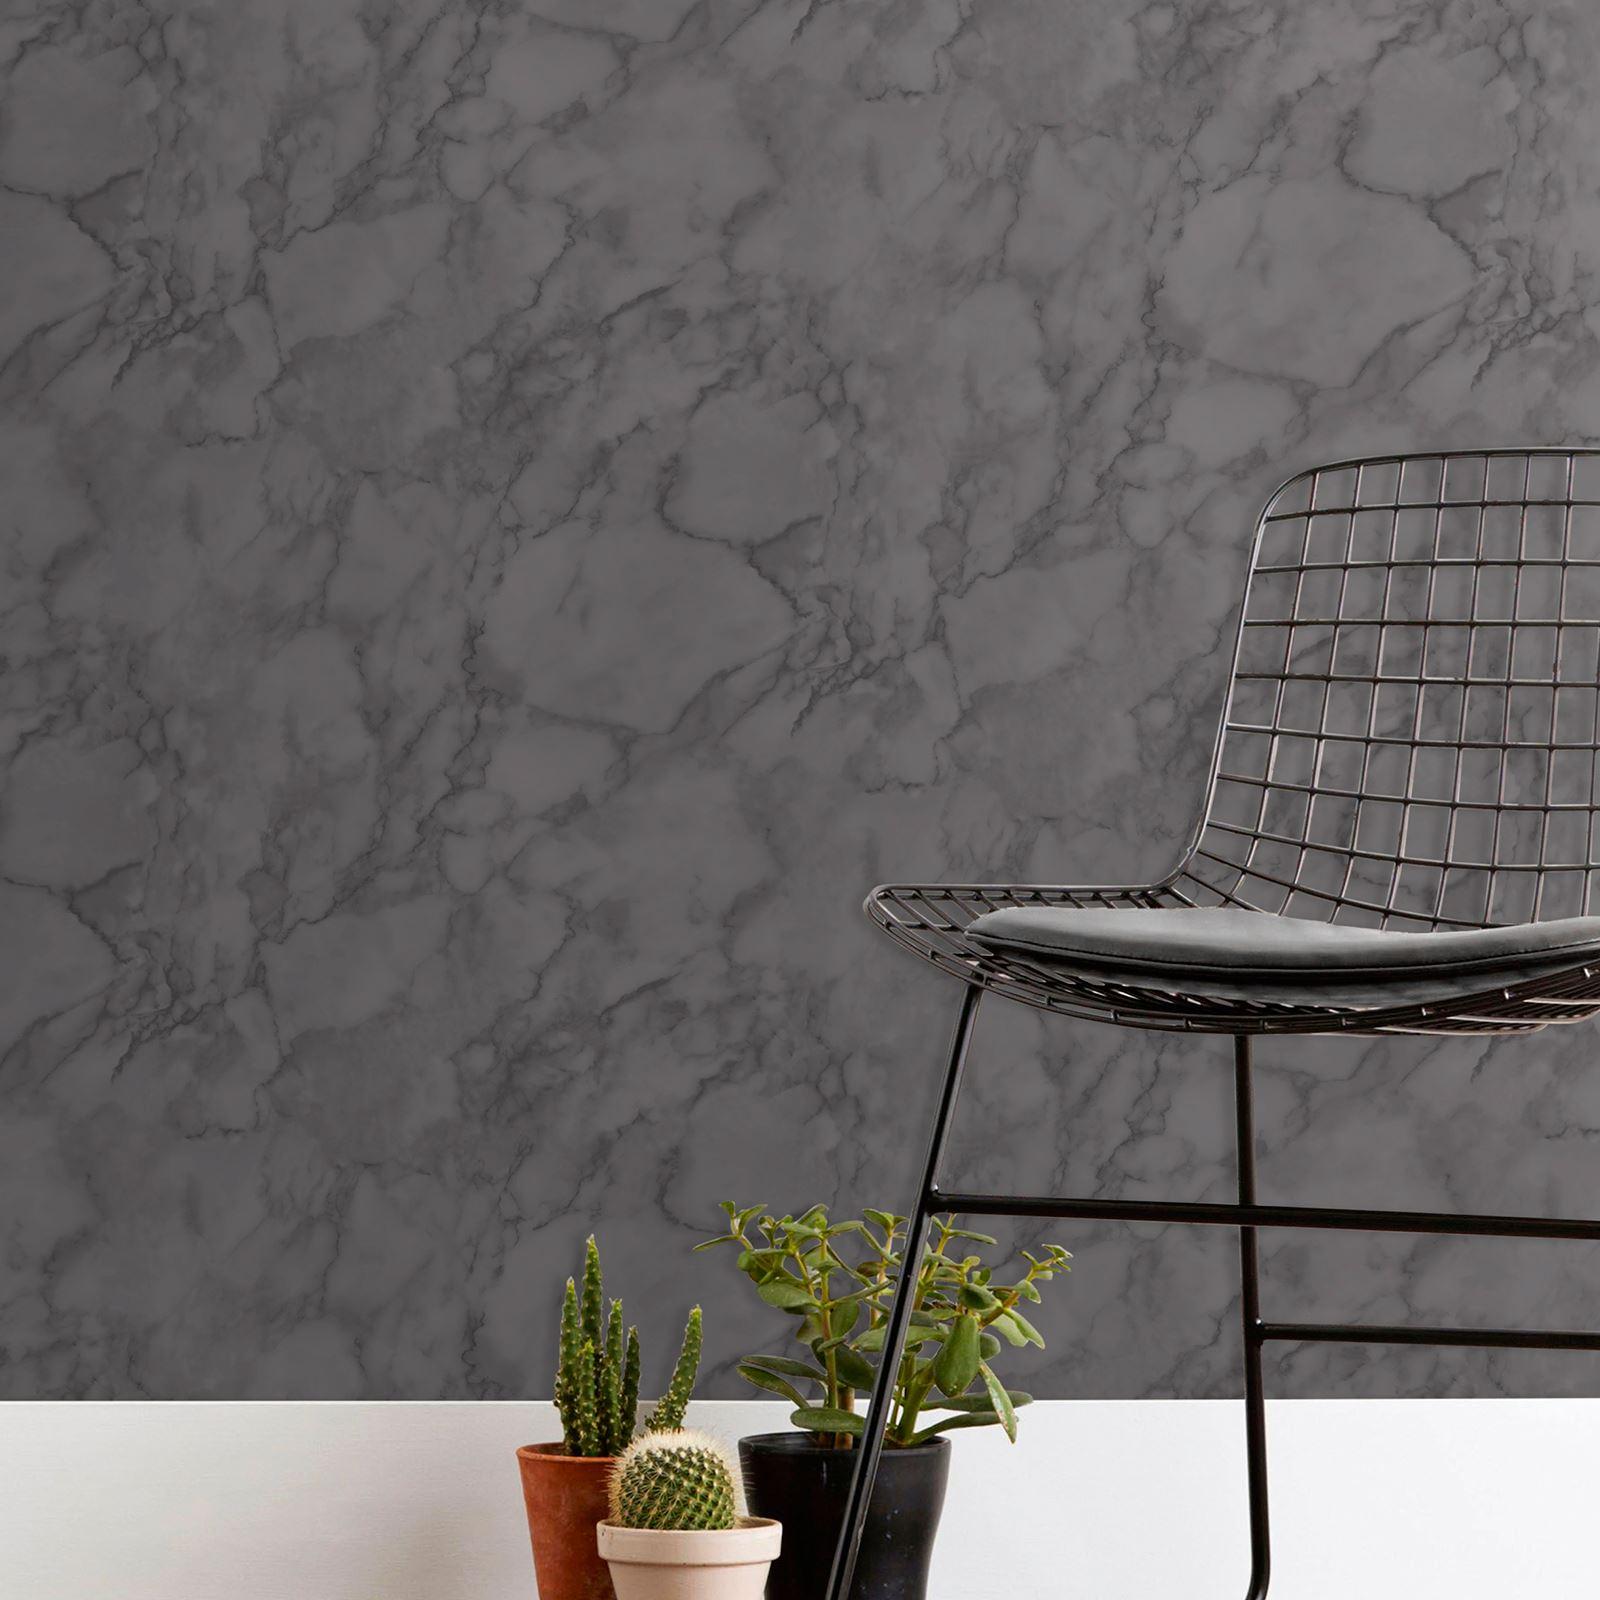 Fine-Decor-Marblesque-Liso-Marmol-Papel-Pintado-Rosa-Blanco-Gris-Carbon